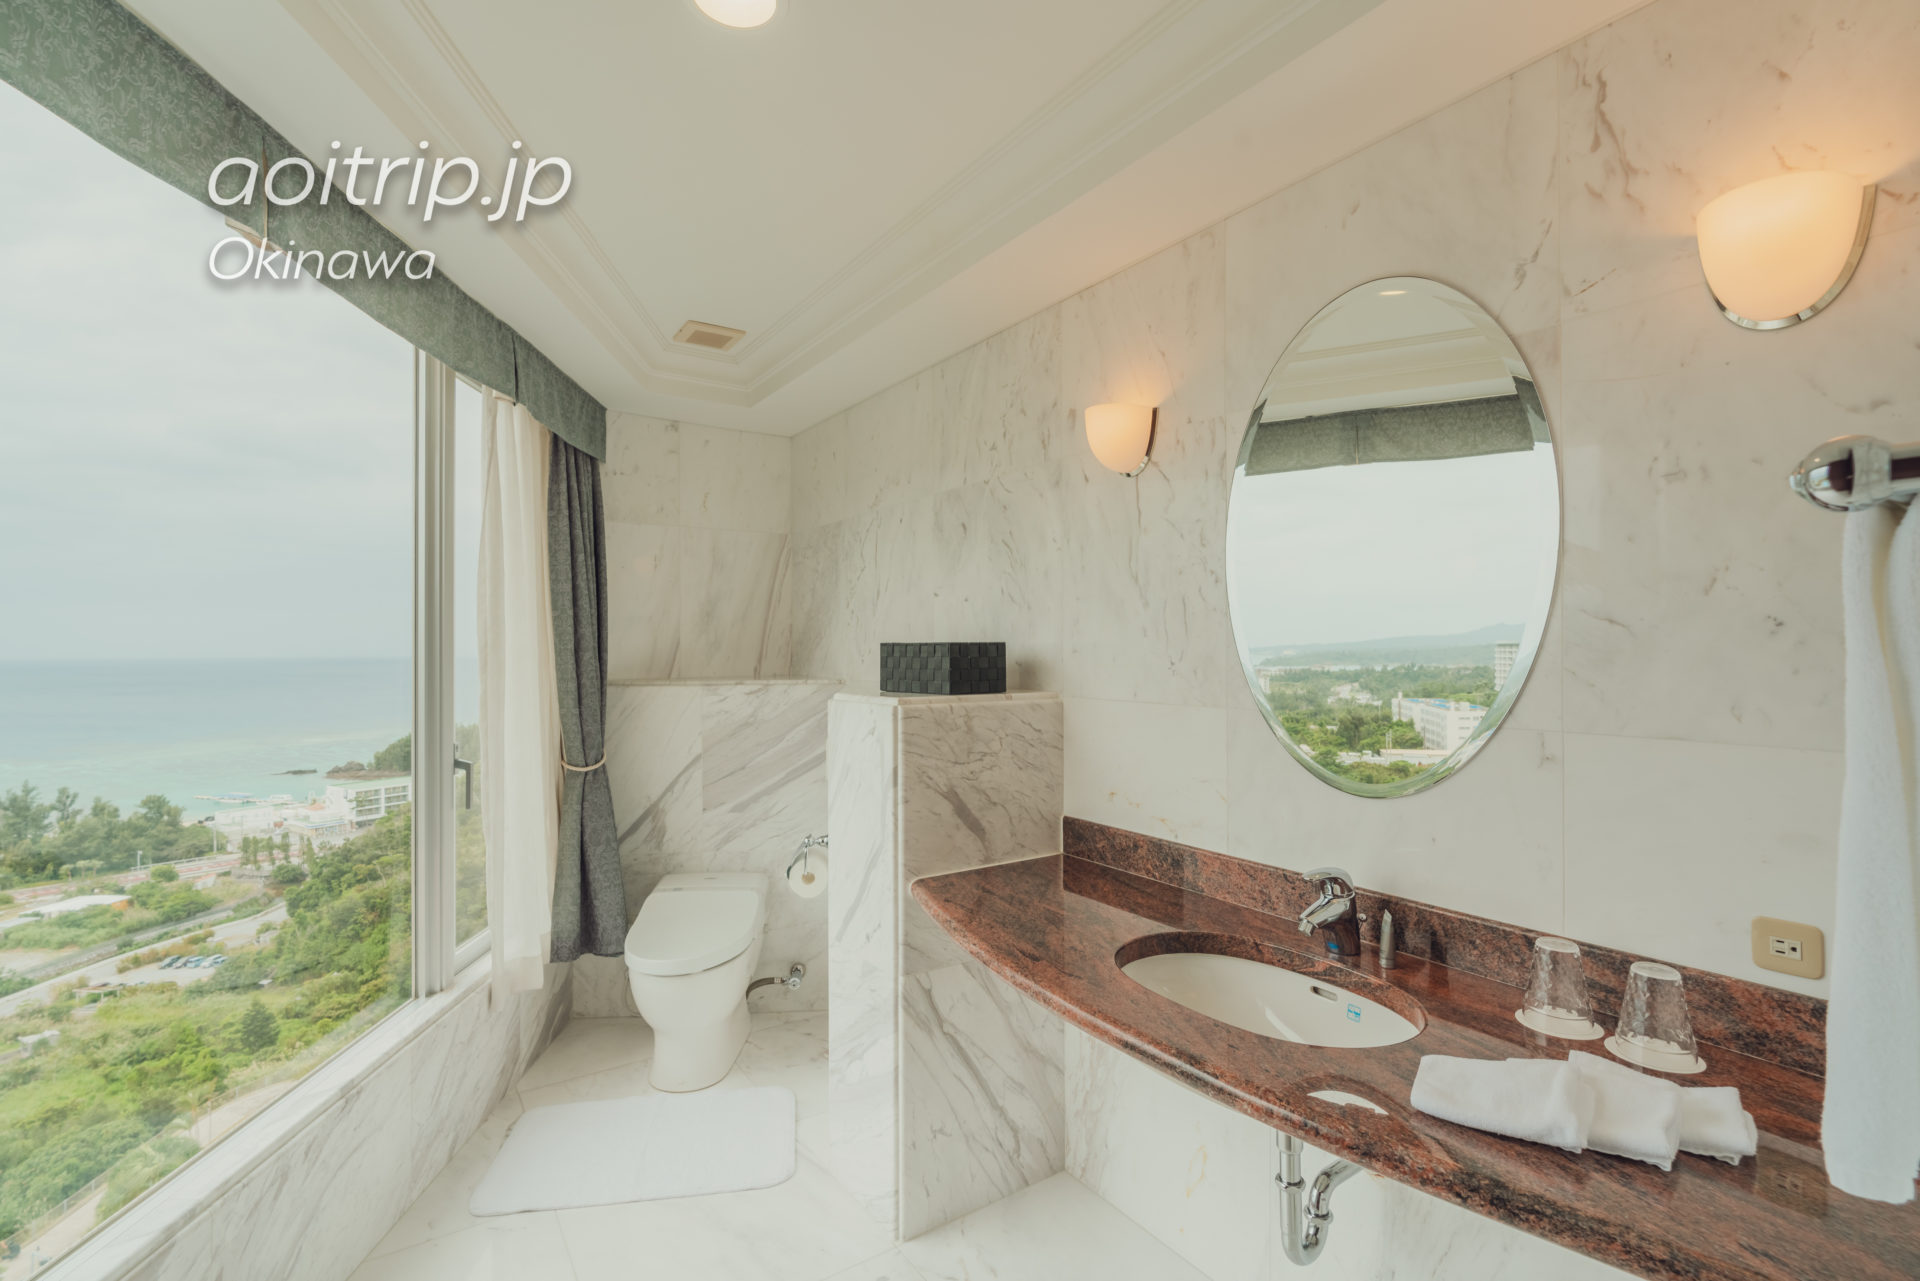 オキナワ マリオット リゾート & スパのスイートルーム トイレ